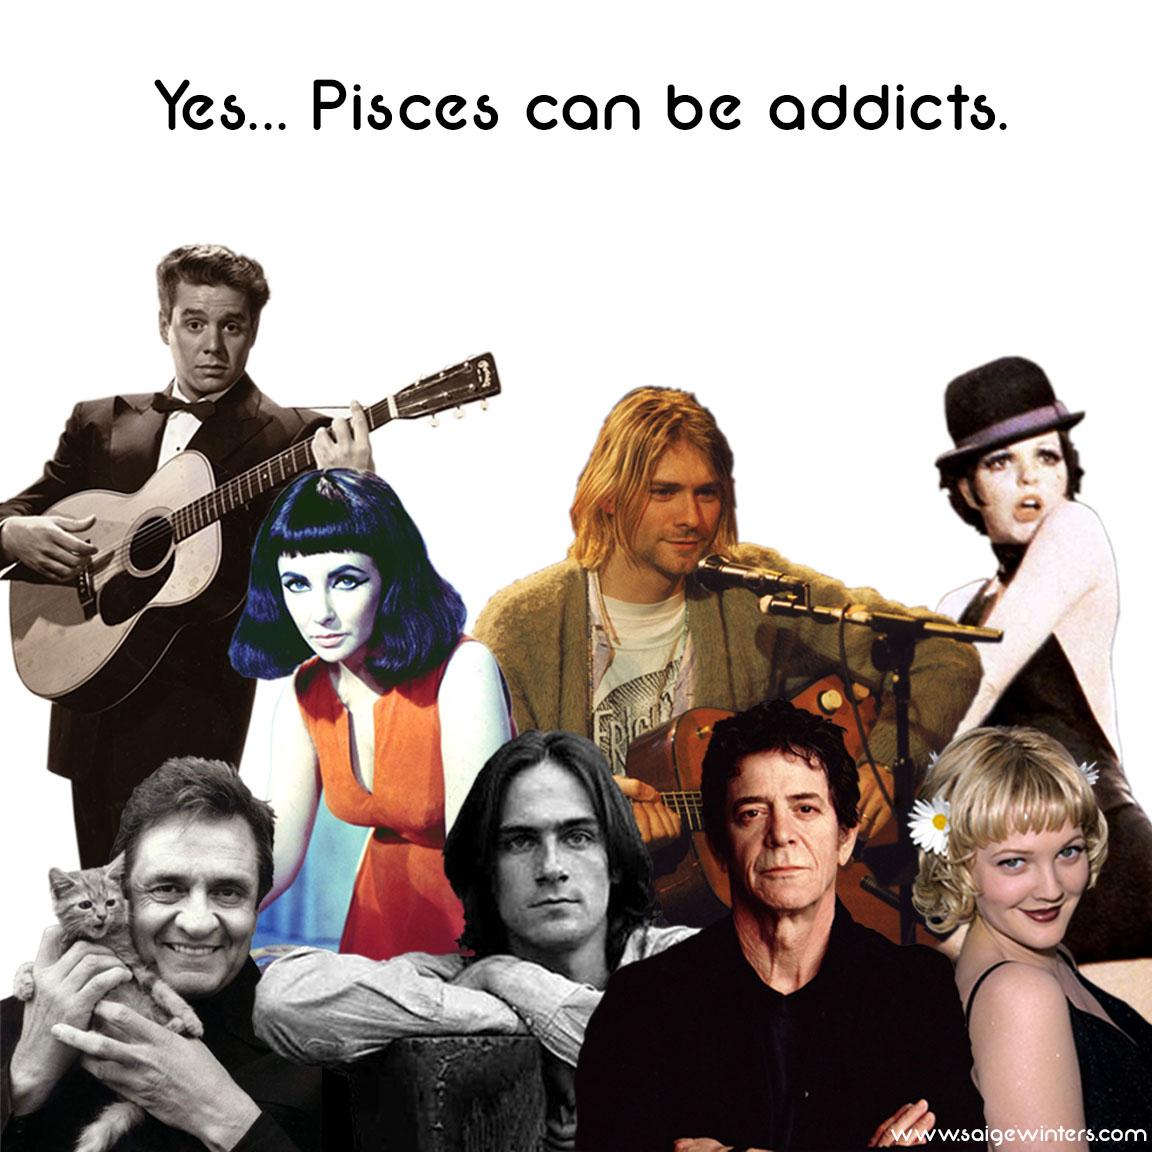 pisces addicts square.jpg